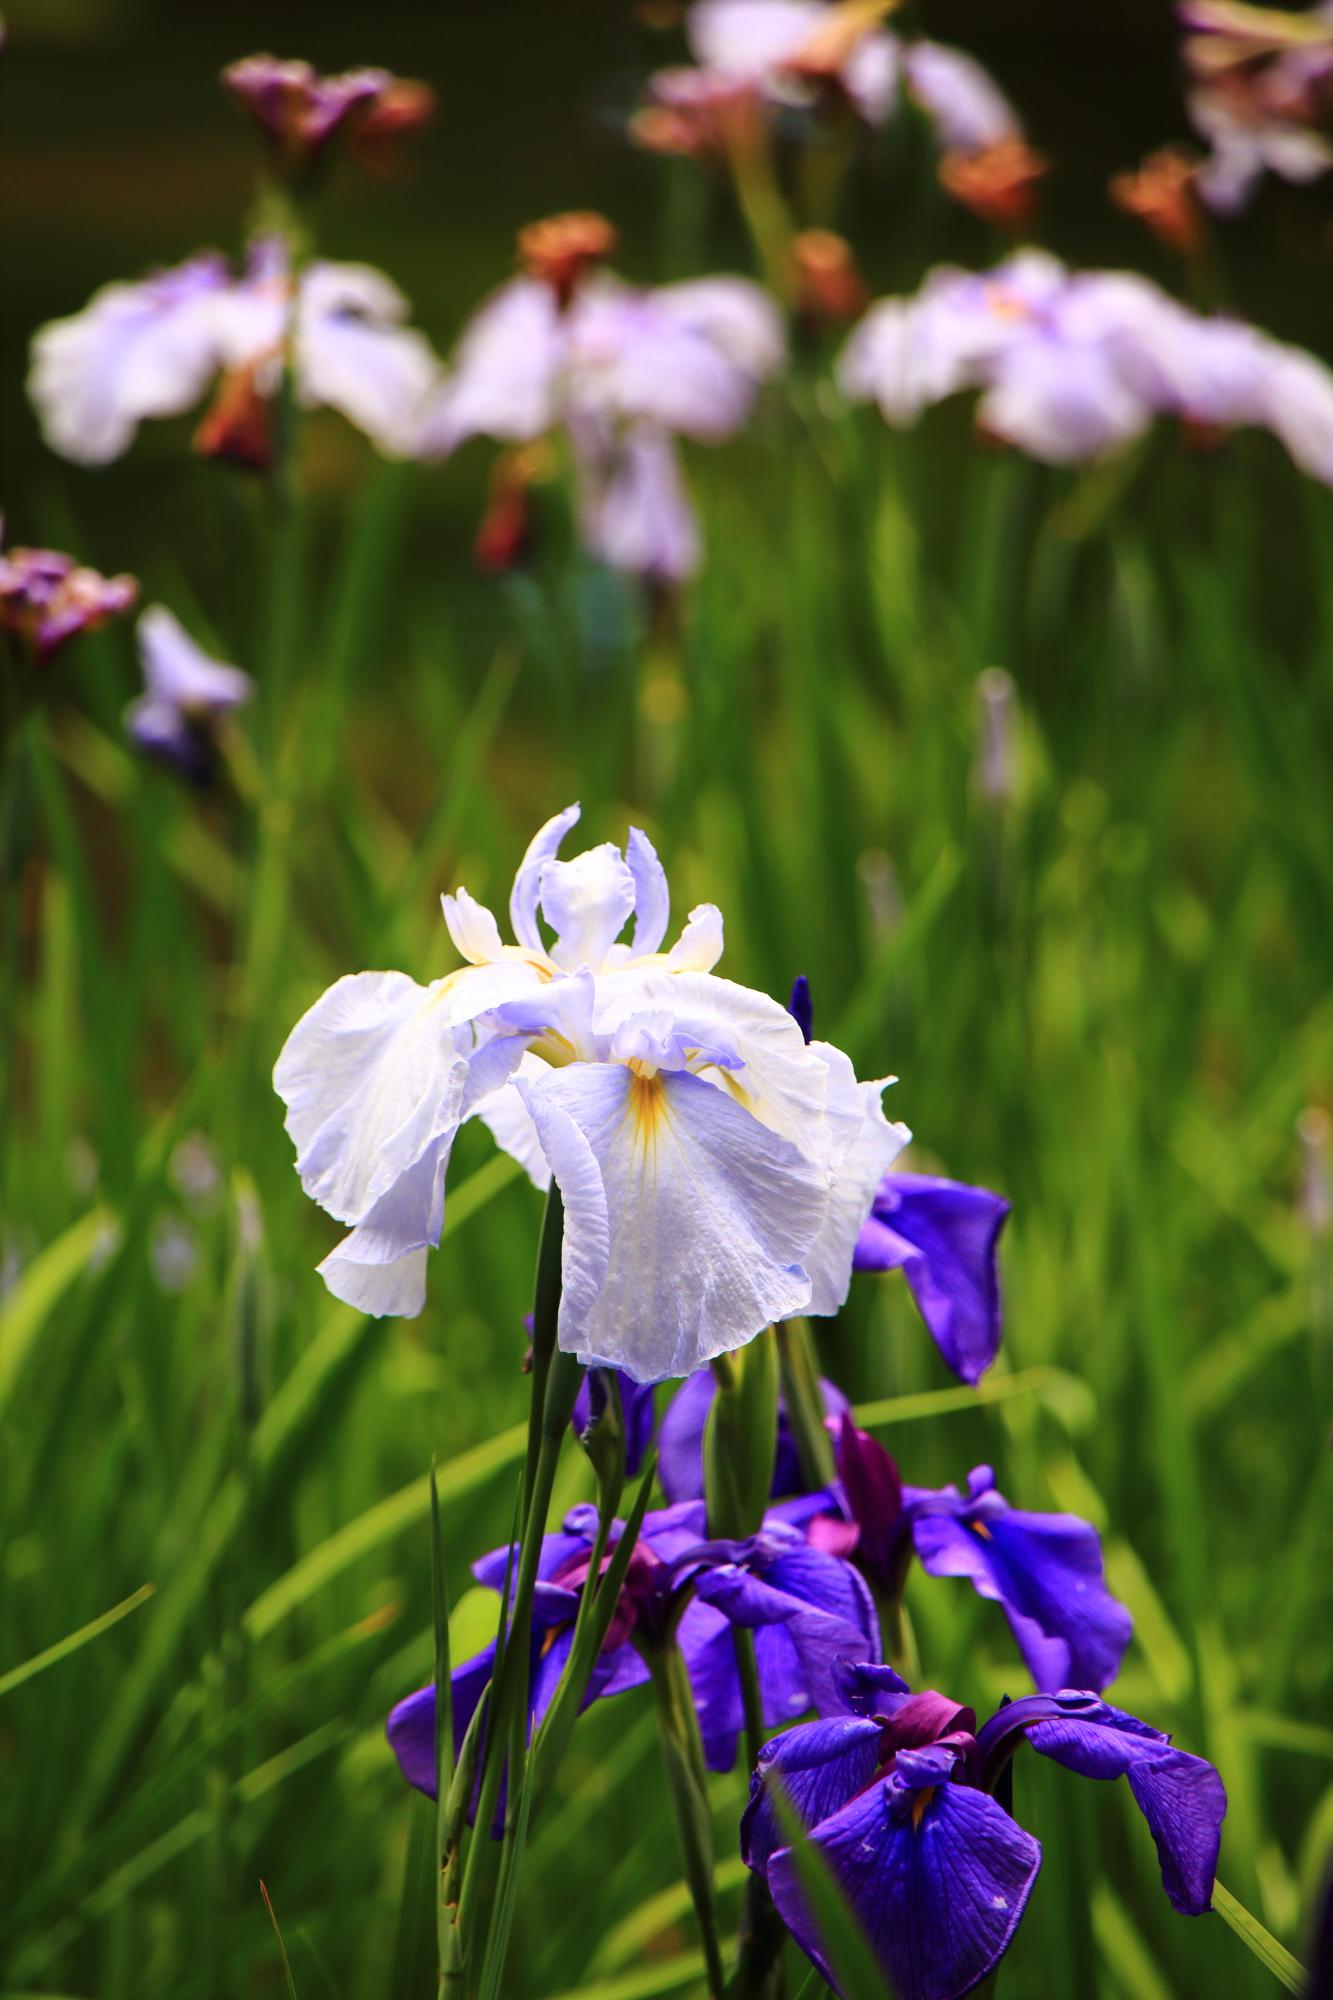 平安神宮の立派に咲き誇る爽やかな花菖蒲